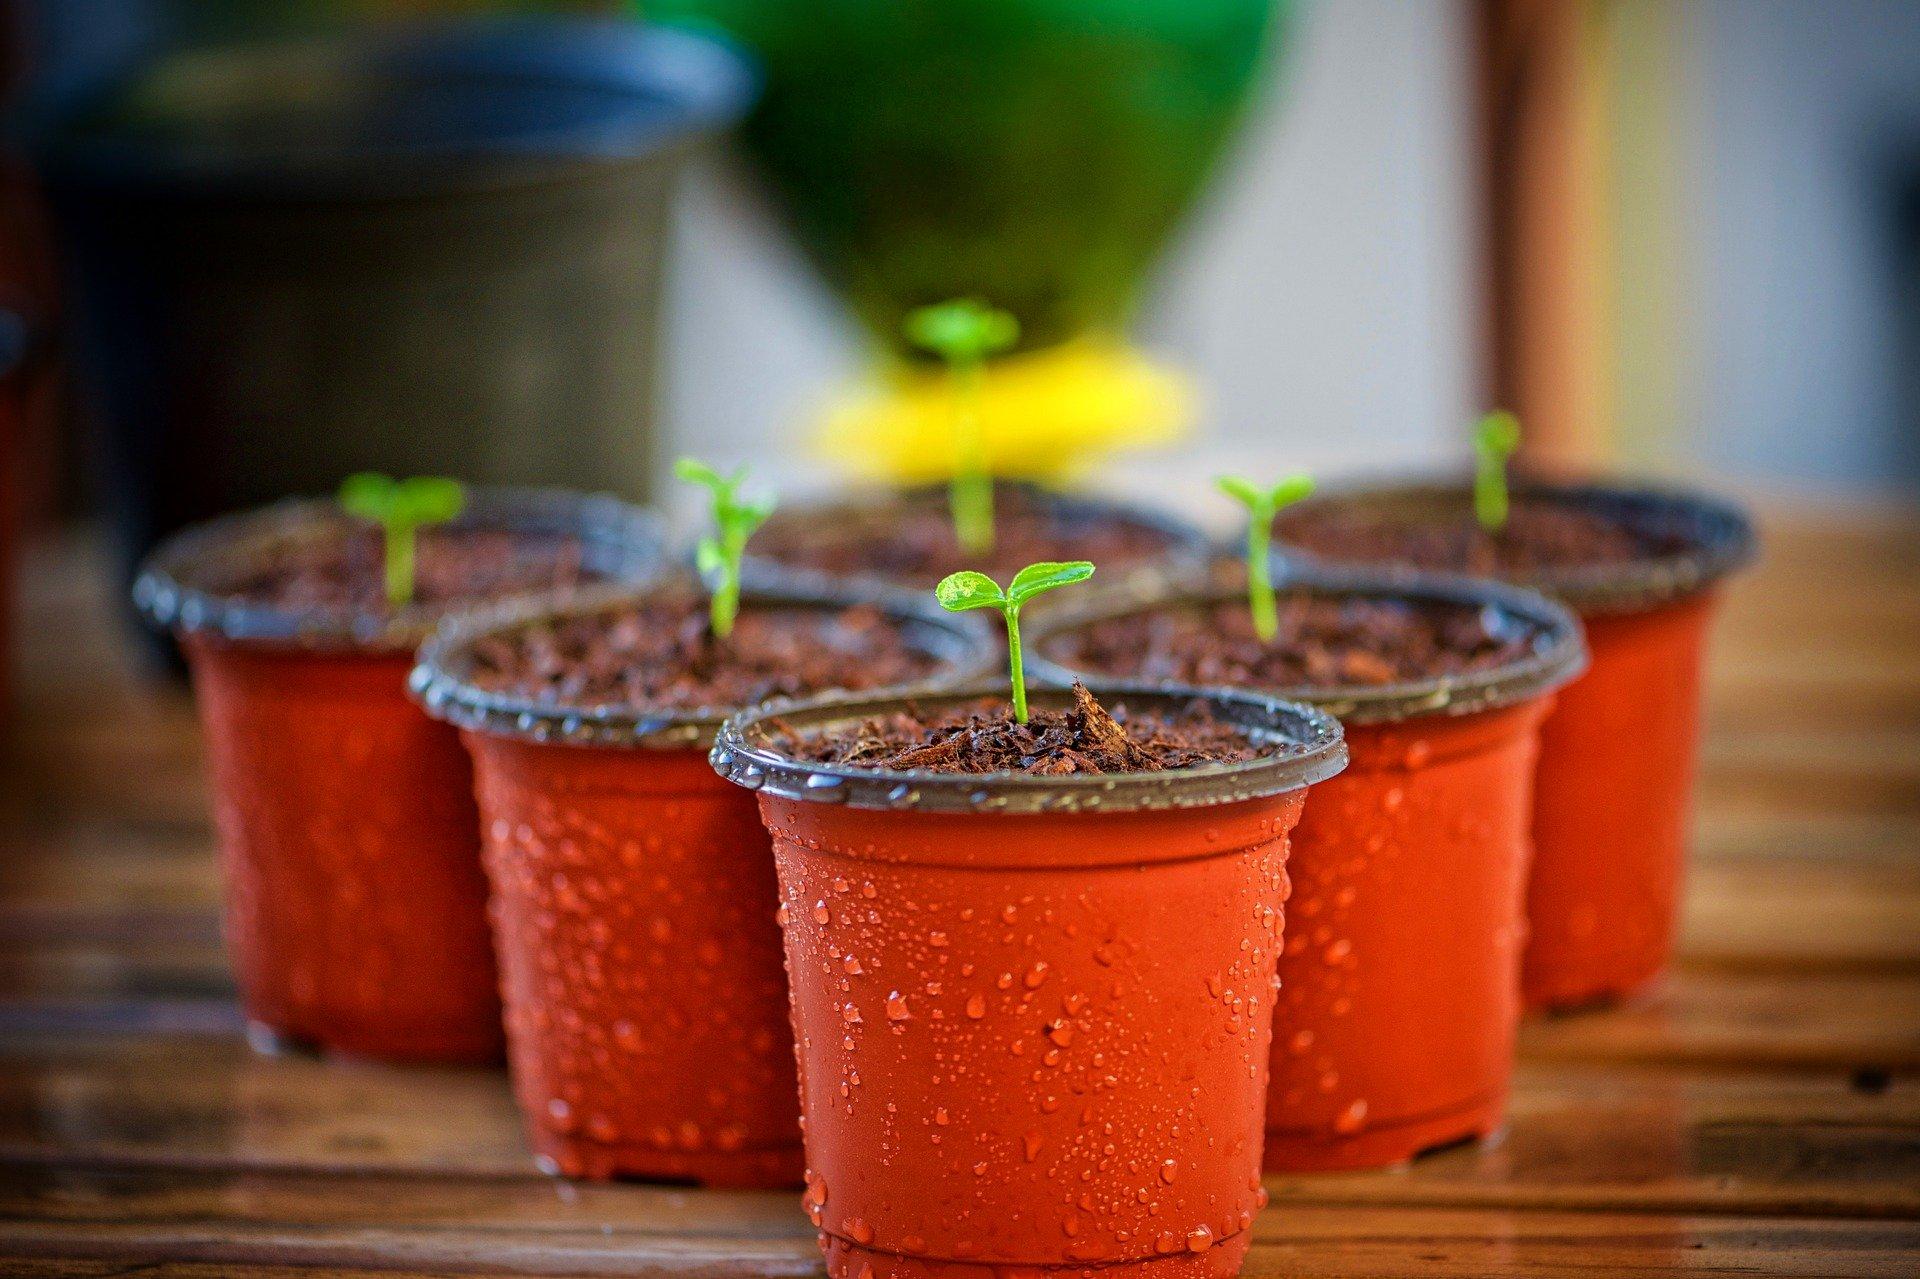 Jarní nabídka: bylinky, sadba brambor, cibule sazečka a další